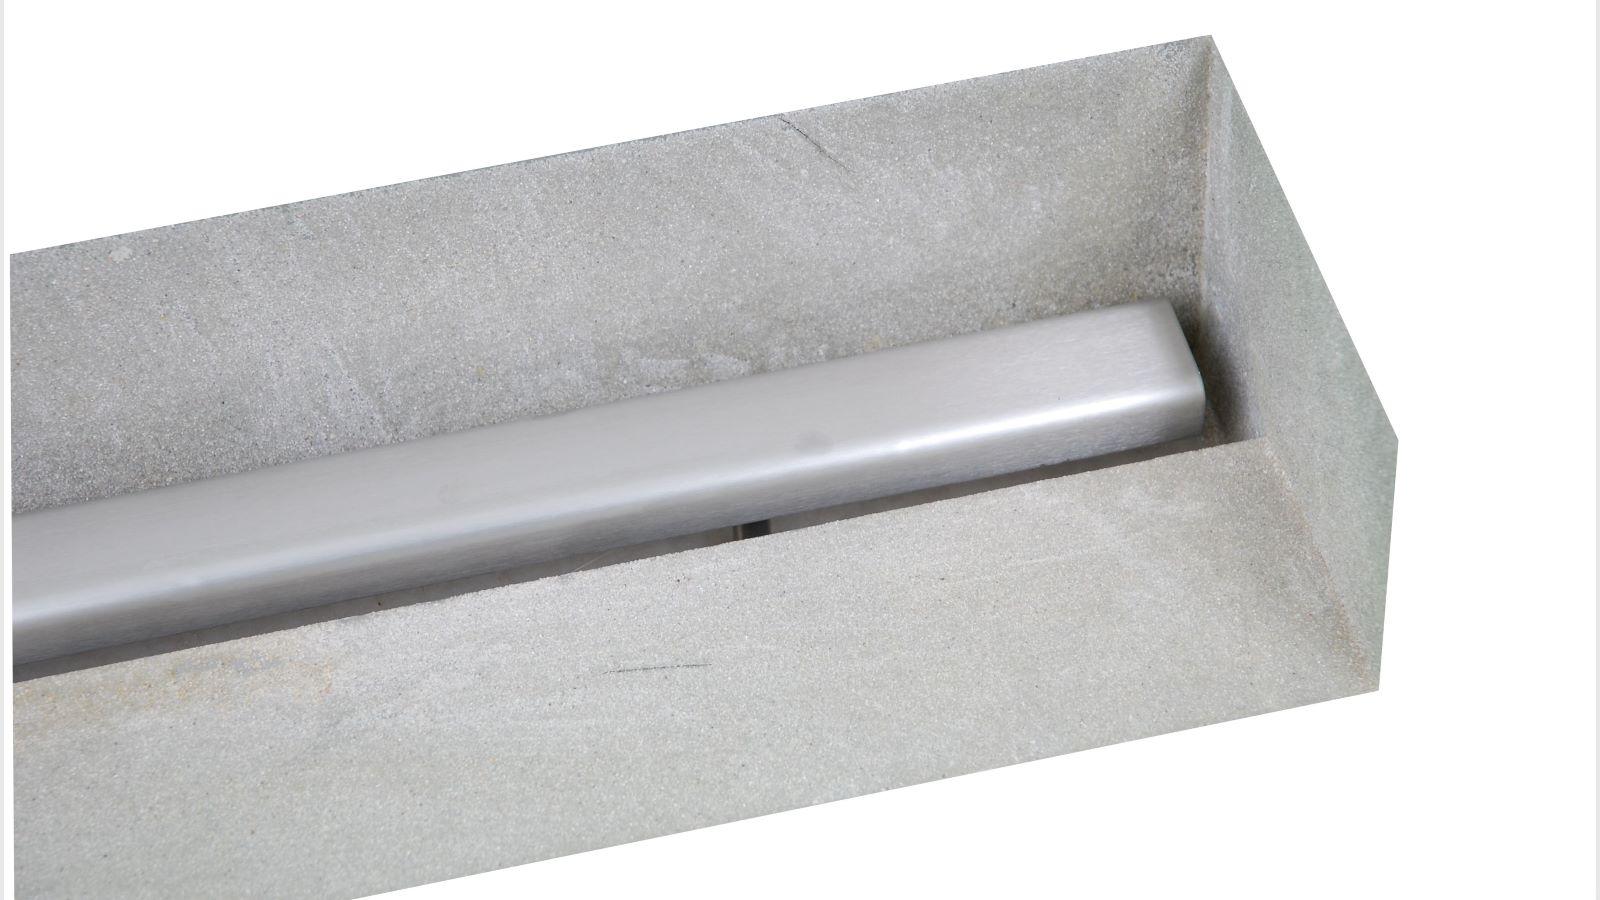 Die abbildung zeigt die langlebige v4a edelstahl-duschrinne pro mit seitlichen ausfuehrungen fuer den wandbuendigen einbau. Rechts schliesst die sonderanfertigung der duschrinne pro direkt an die wand an. Die individuelle ausfuehrung der duschrinne pro ist entsprechend hinten aufkantung fuer wand und rechts aufkantung im rechten winkel fuer wandecke.